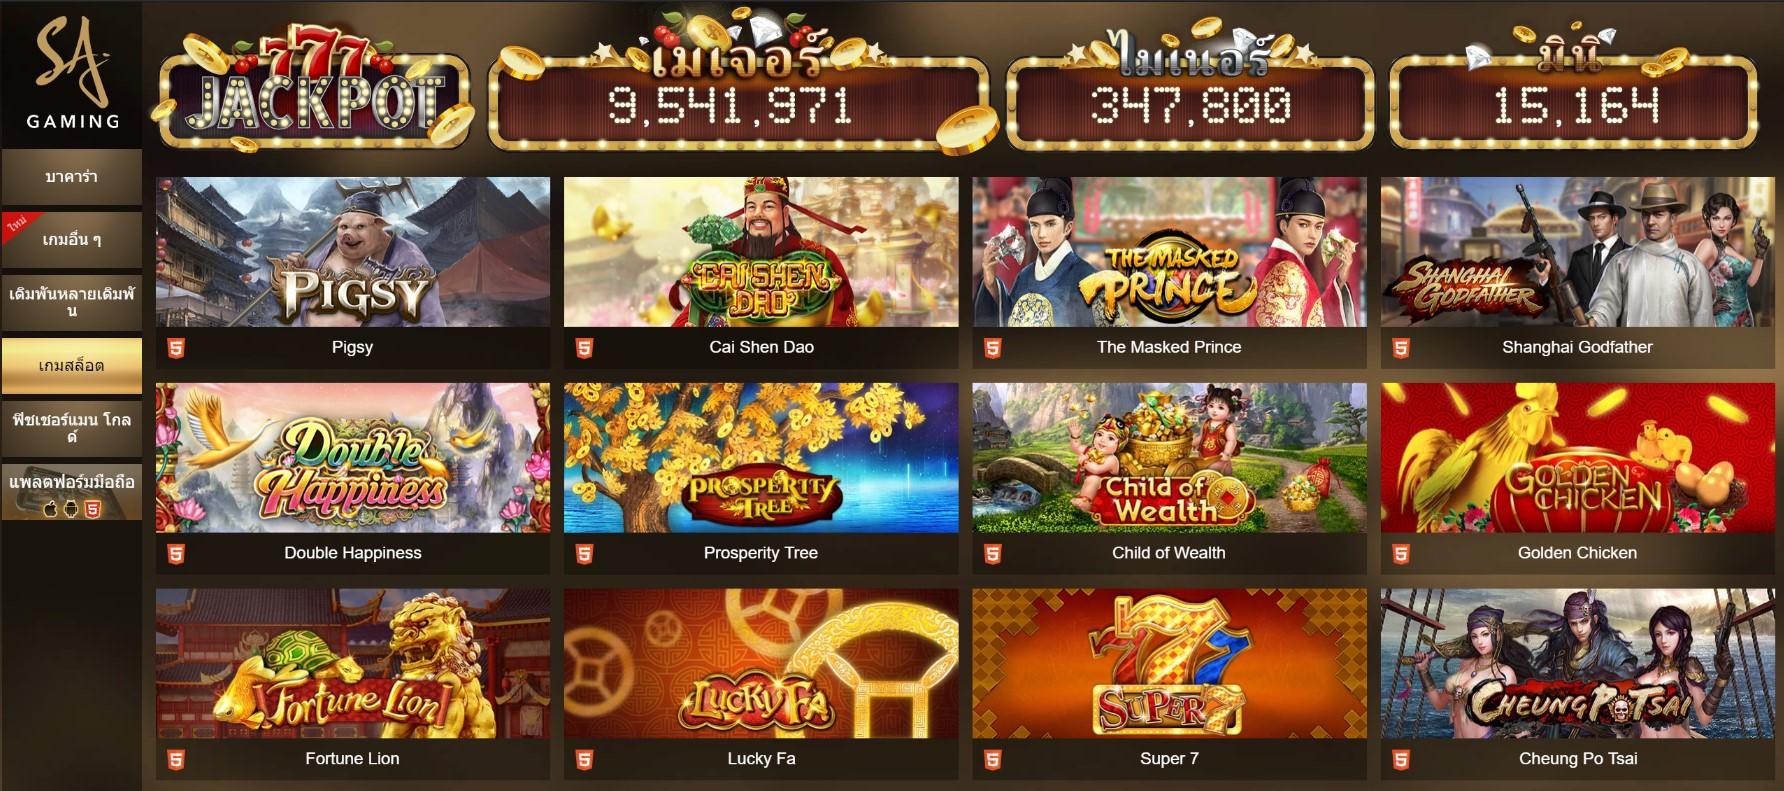 สล็อตออนไลน์ บน SA Gaming